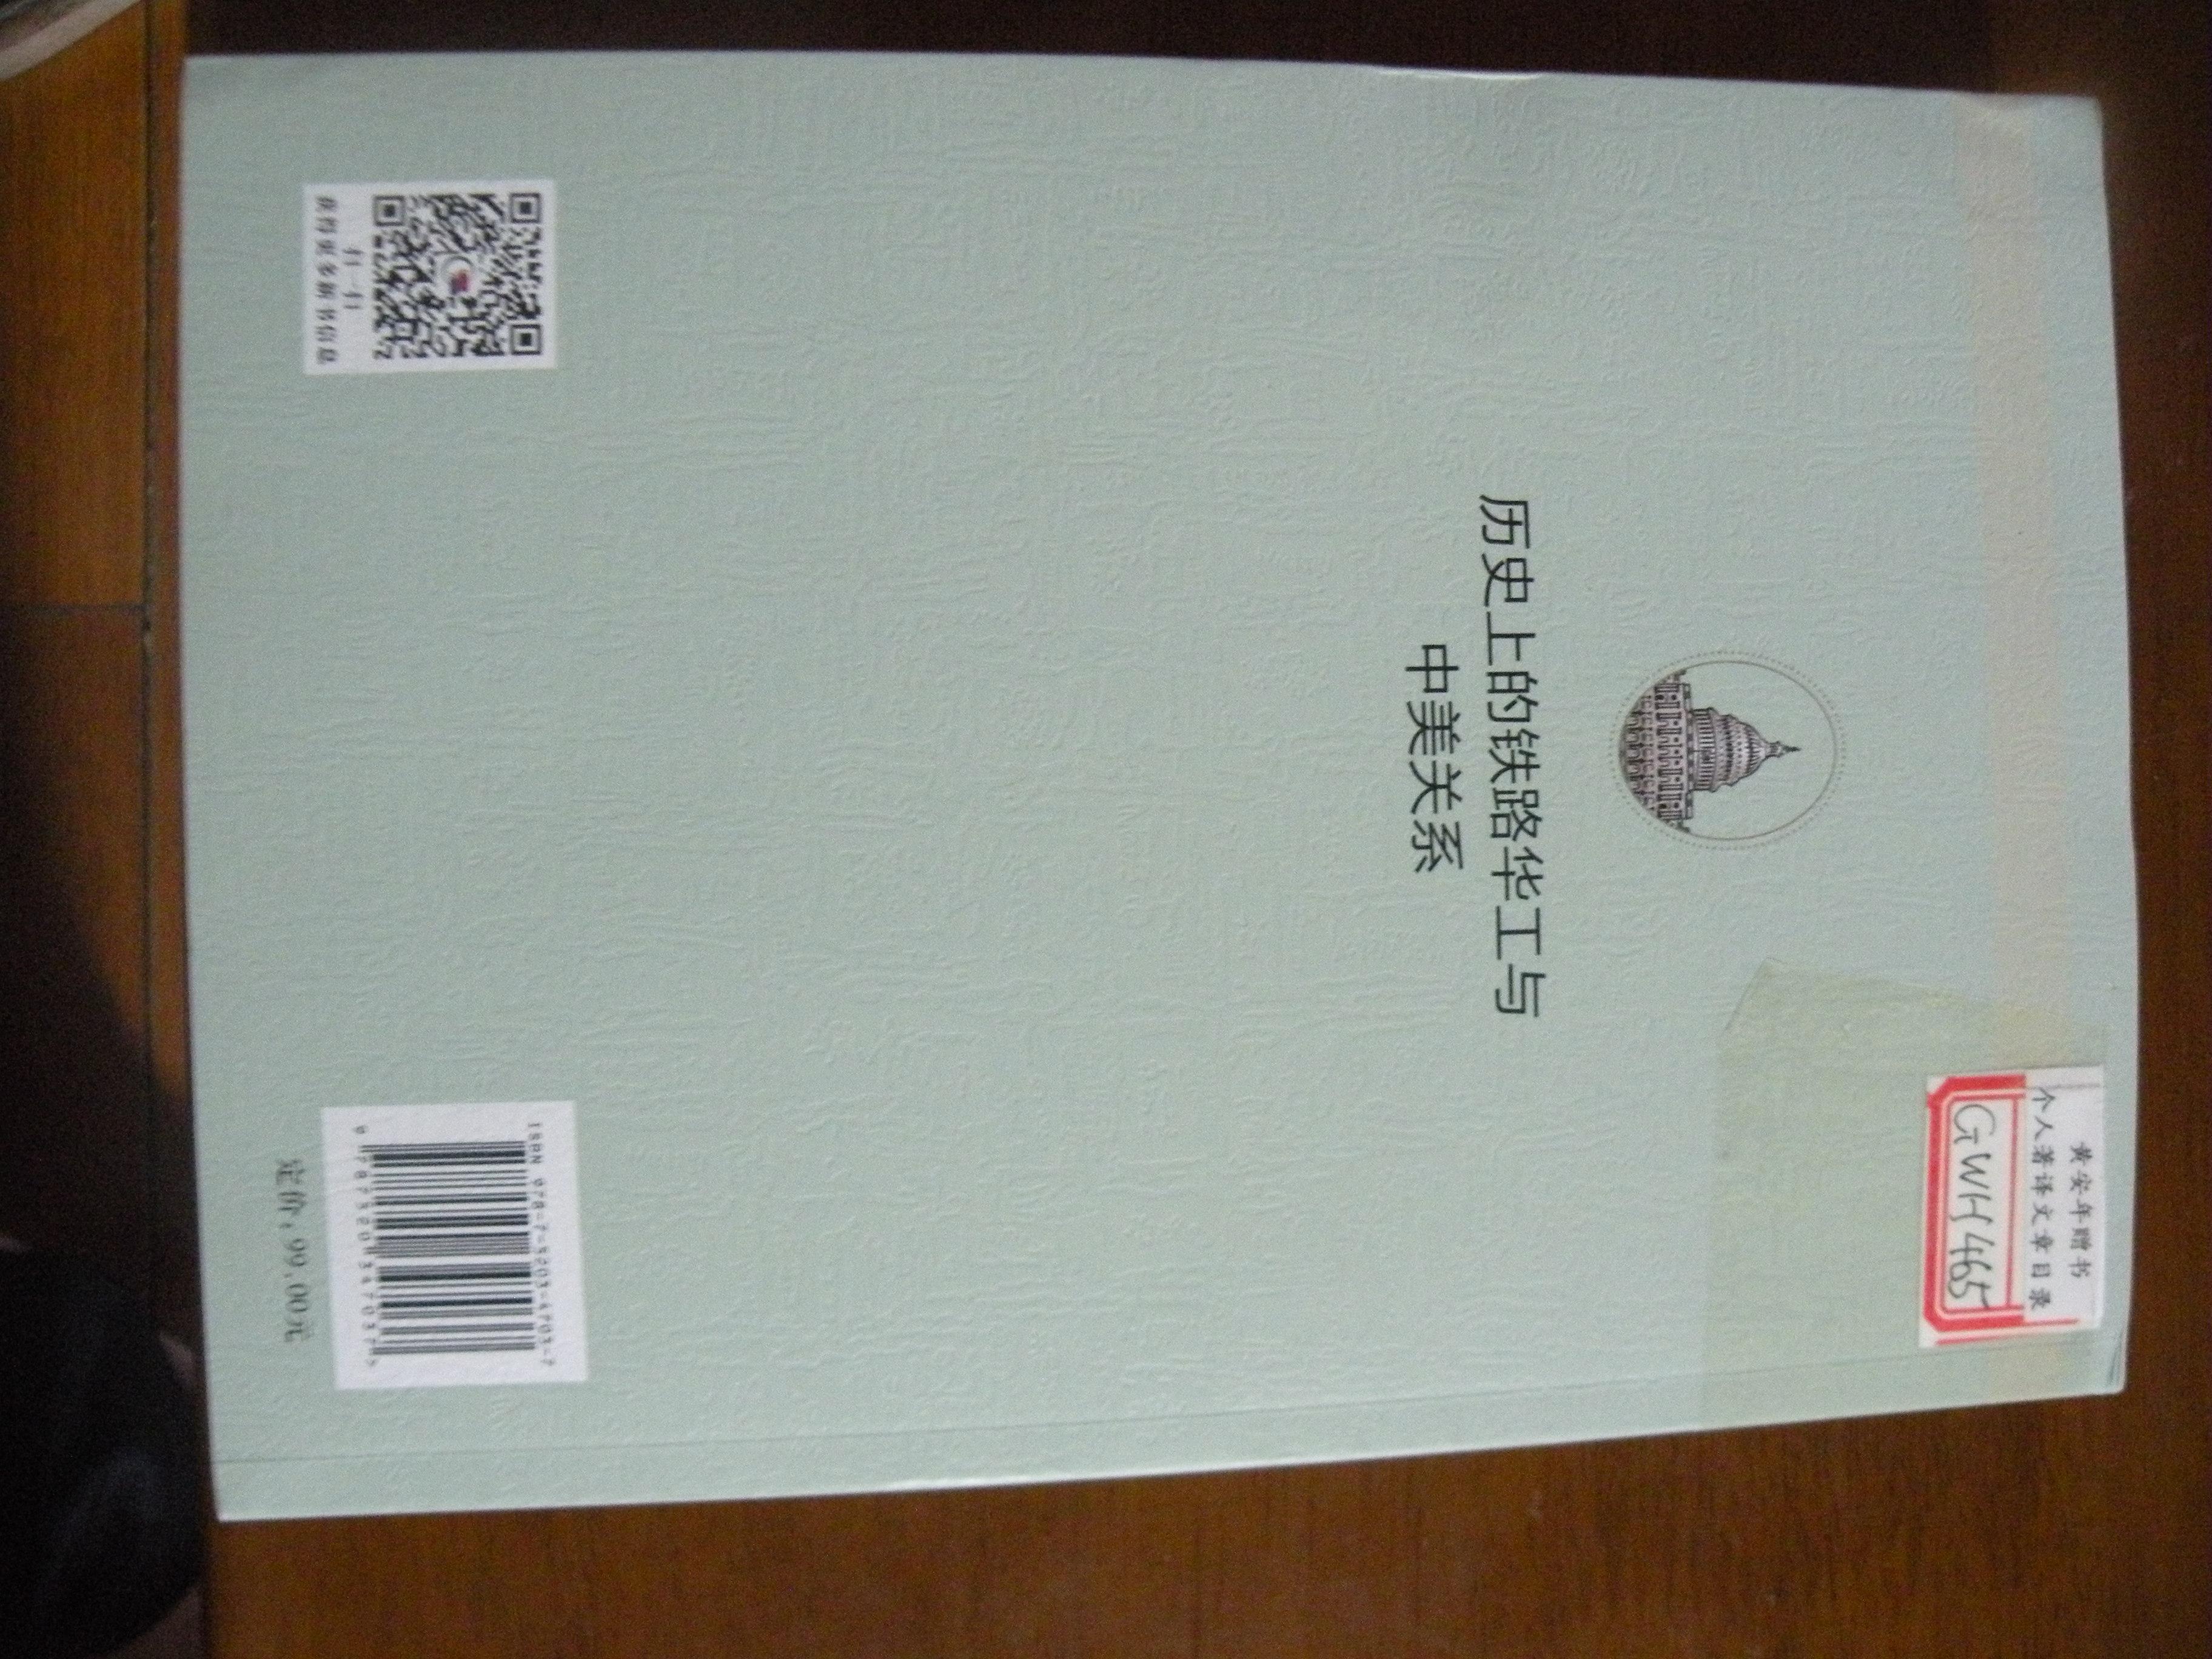 DSCN6435.JPG